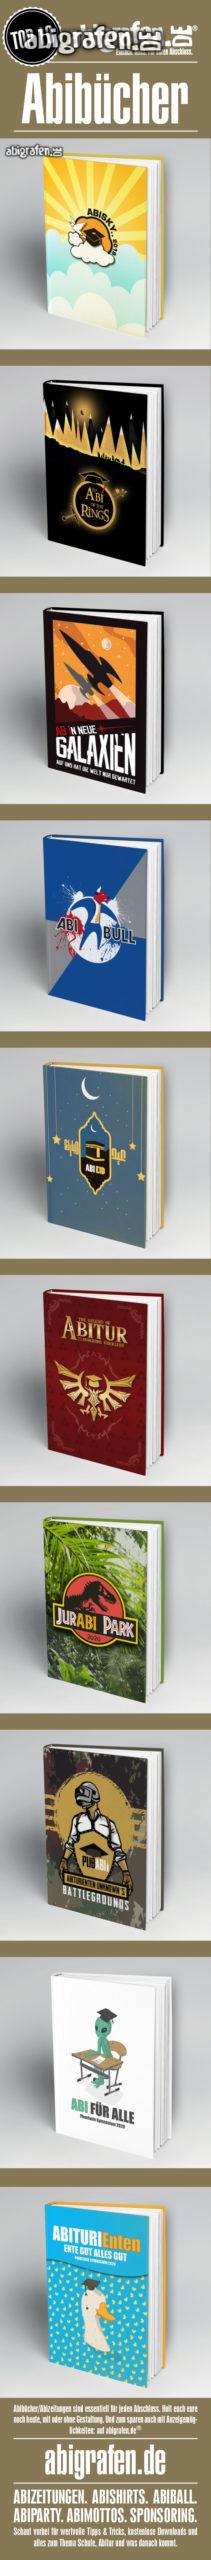 abibuch-buch-zeitung-cover-gestaltung-abigrafen-schüler